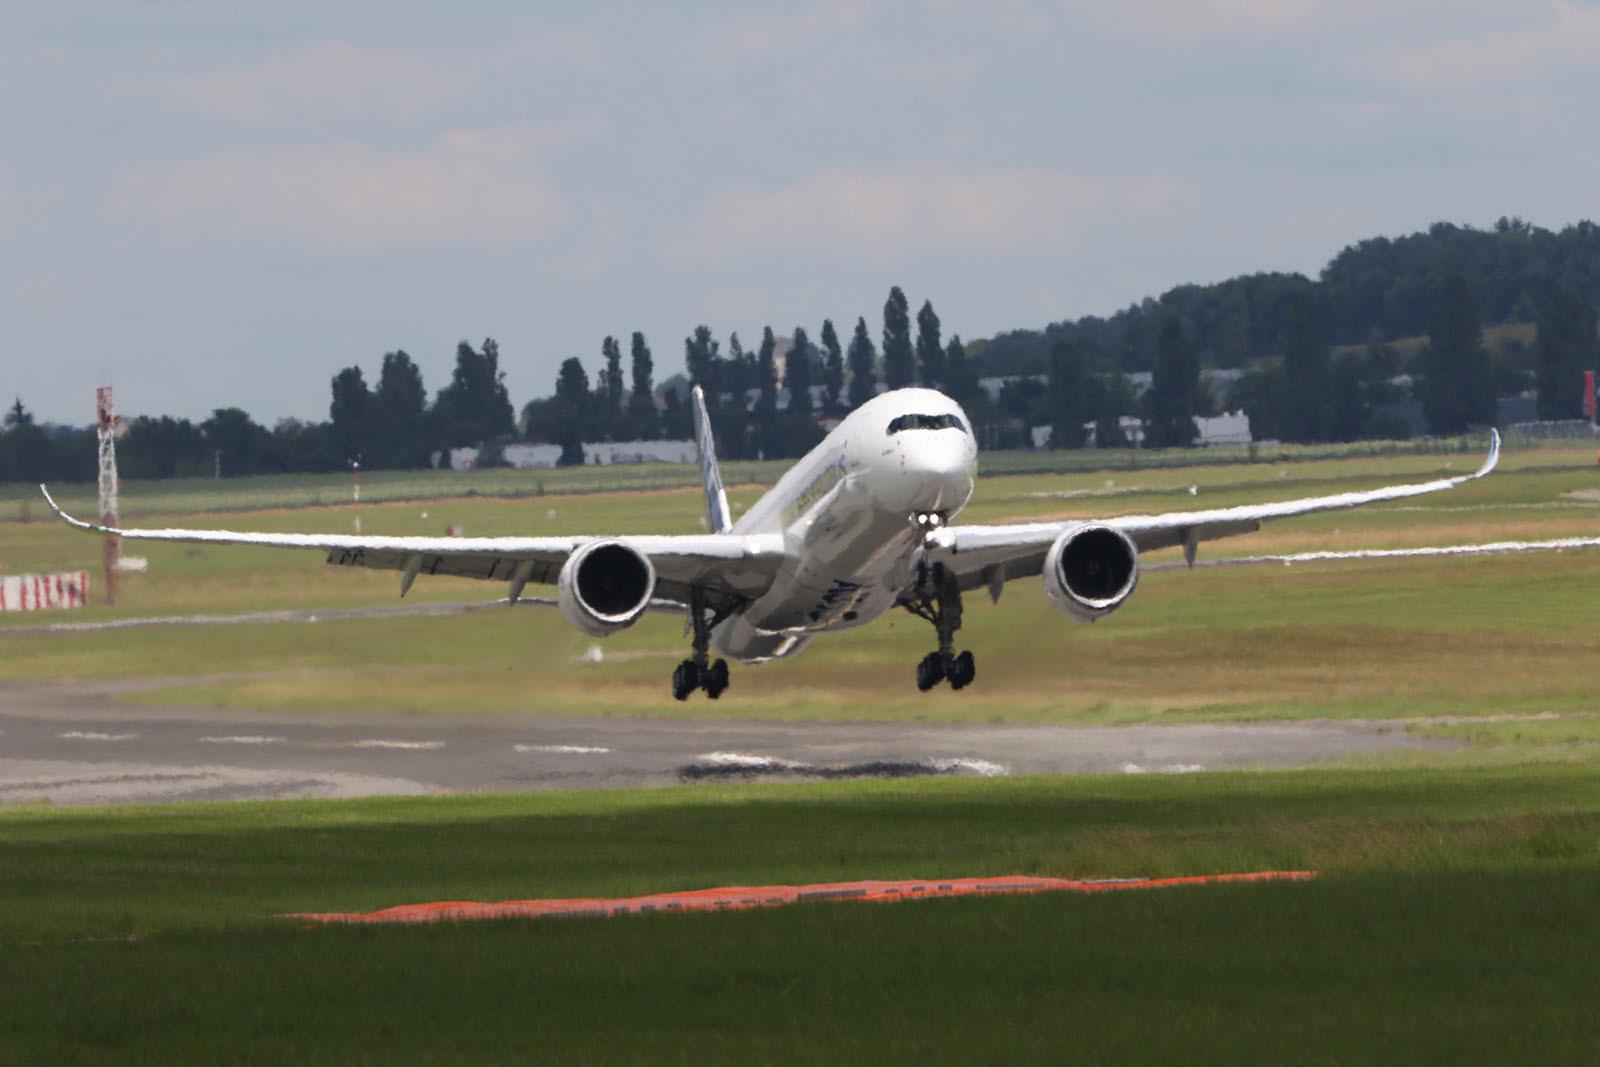 パリエアショー2019 06「FLIGHT DISPLAY 02」_b0315809_12085462.jpg